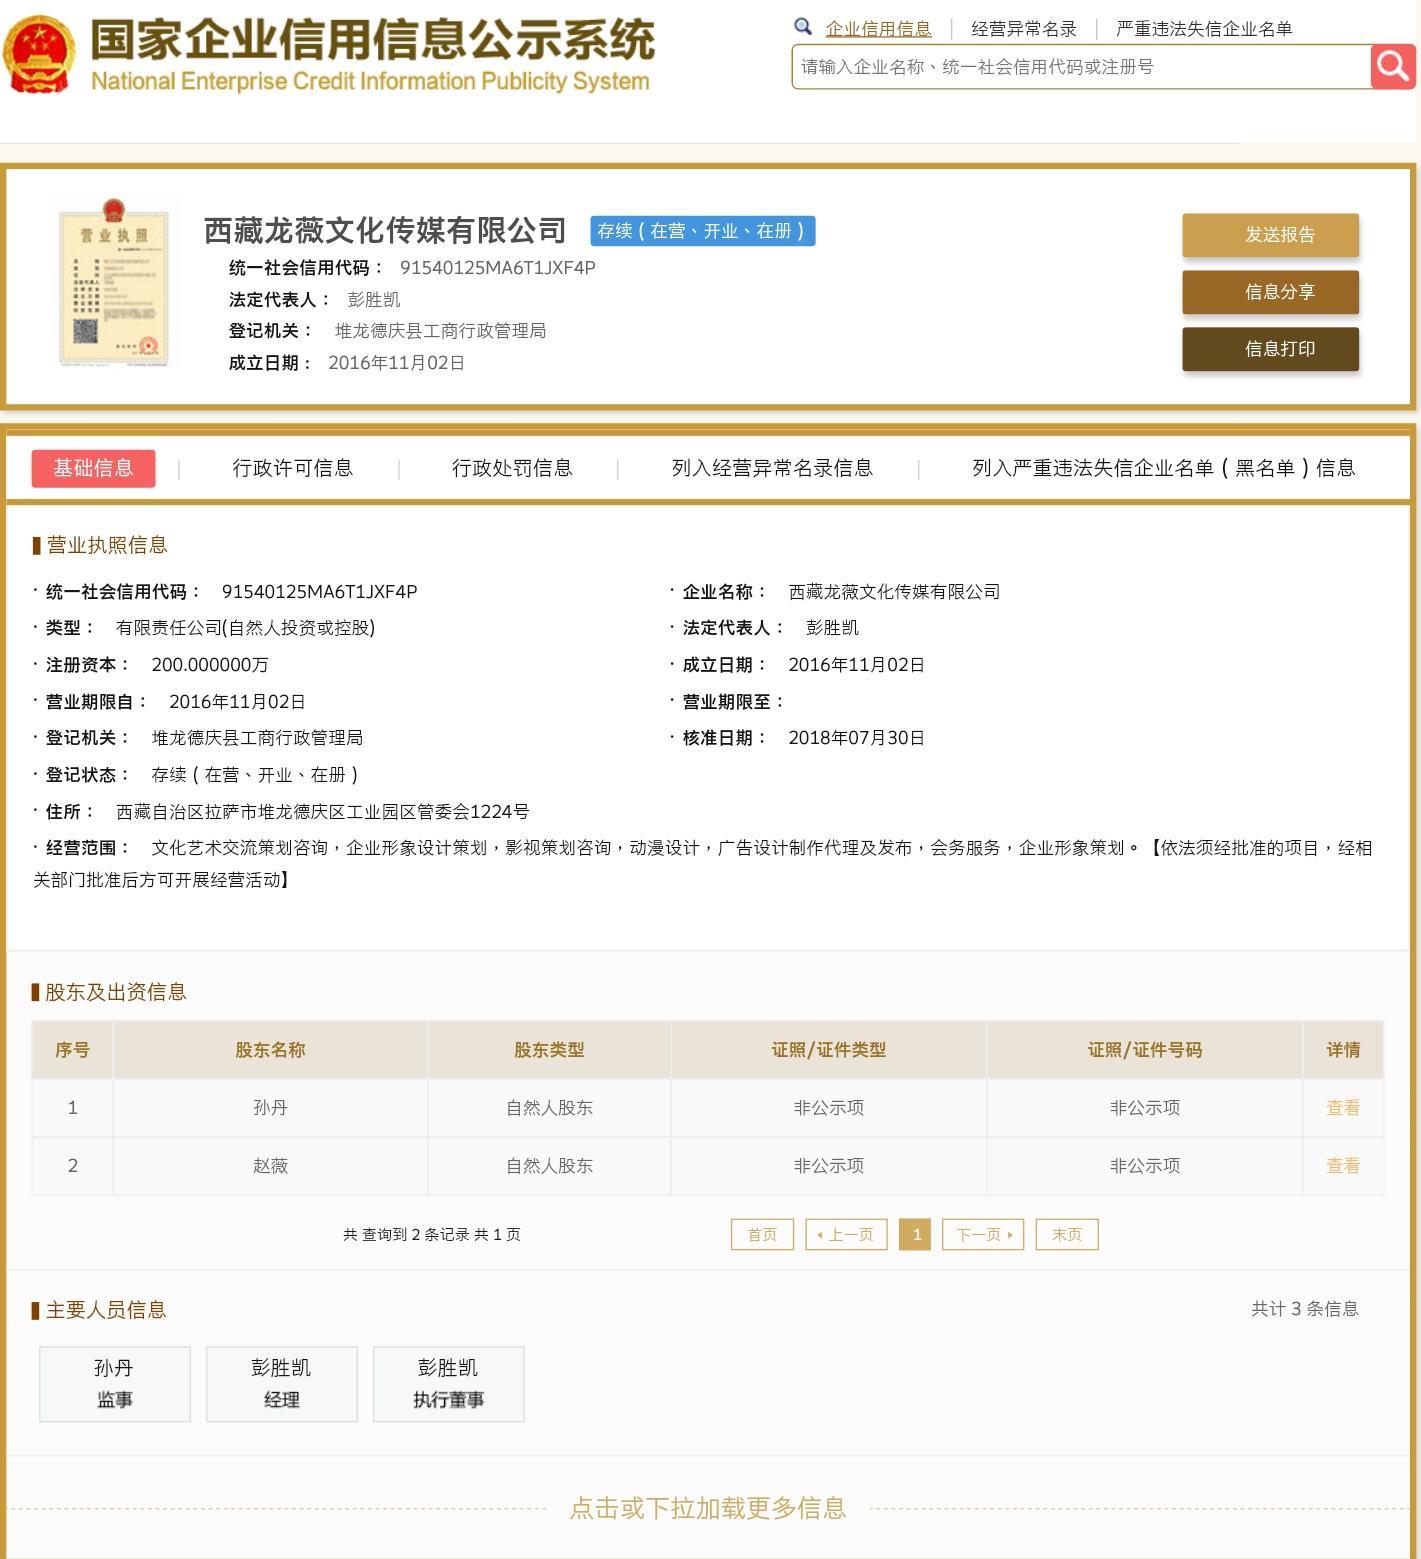 赵薇退出龙薇传媒 你知道龙薇传媒价值多少钱吗